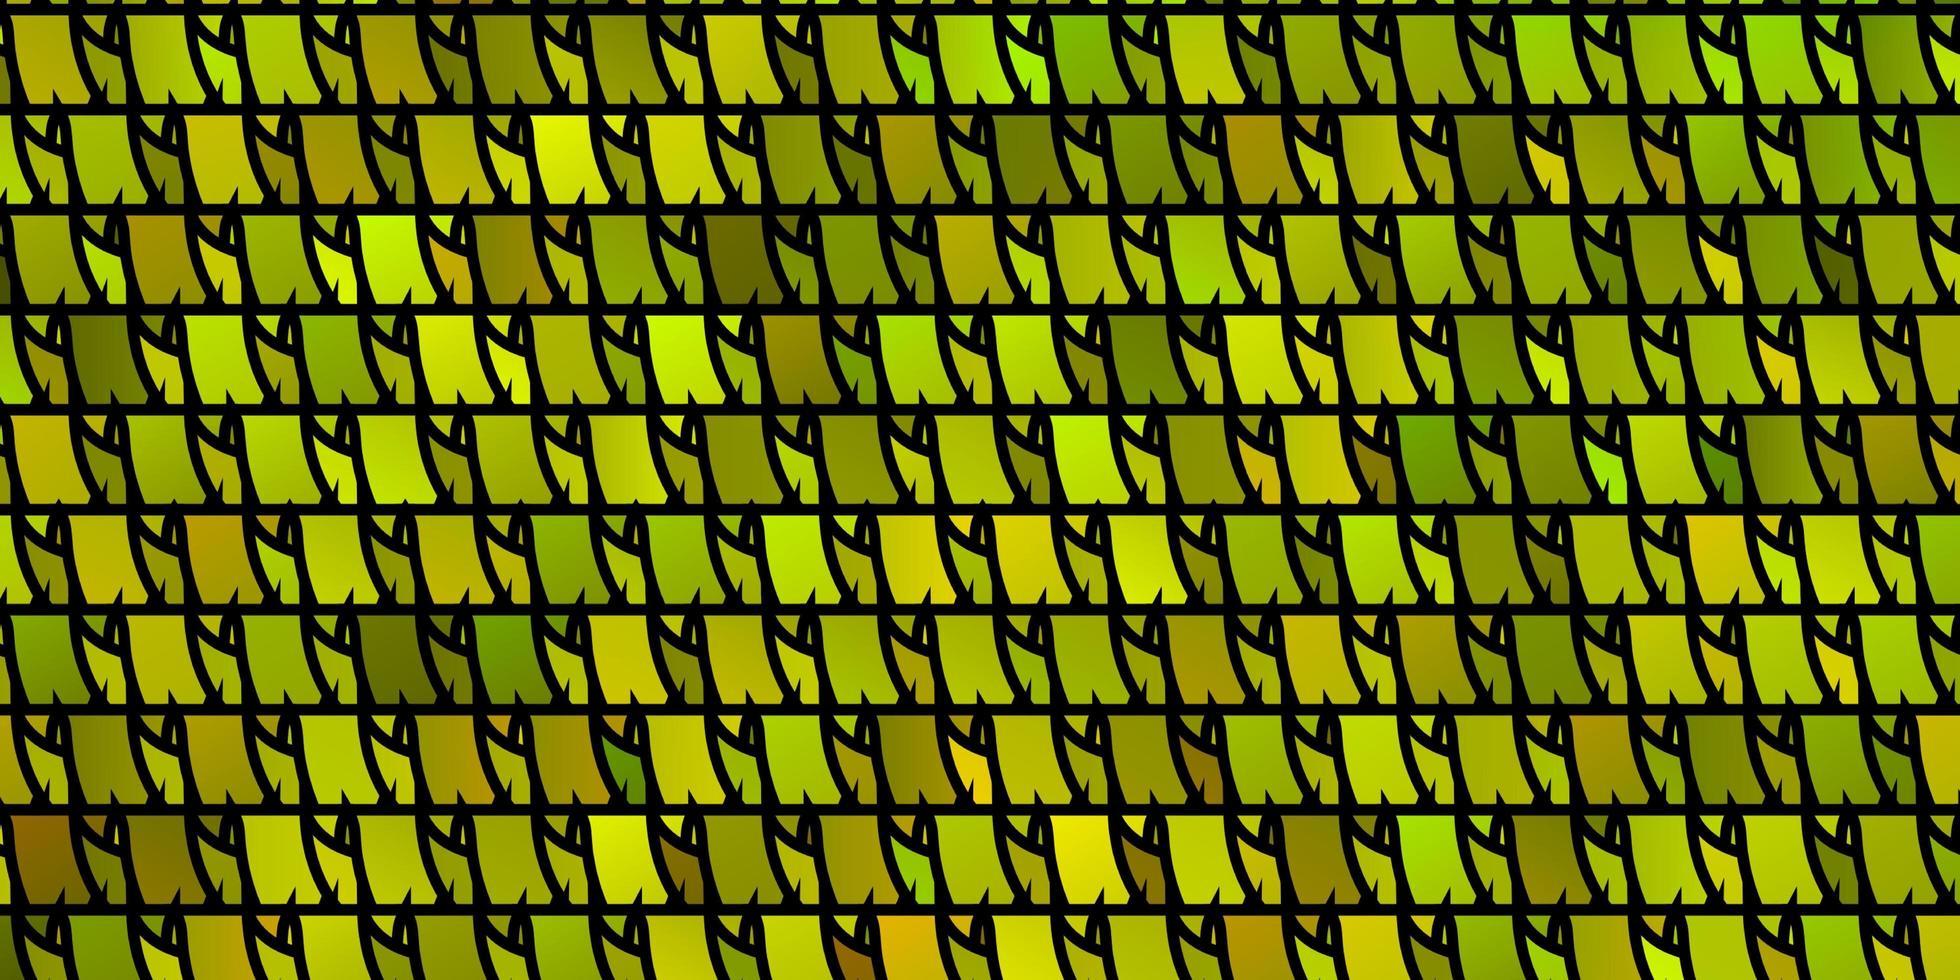 modello vettoriale verde chiaro, giallo con stile poligonale.